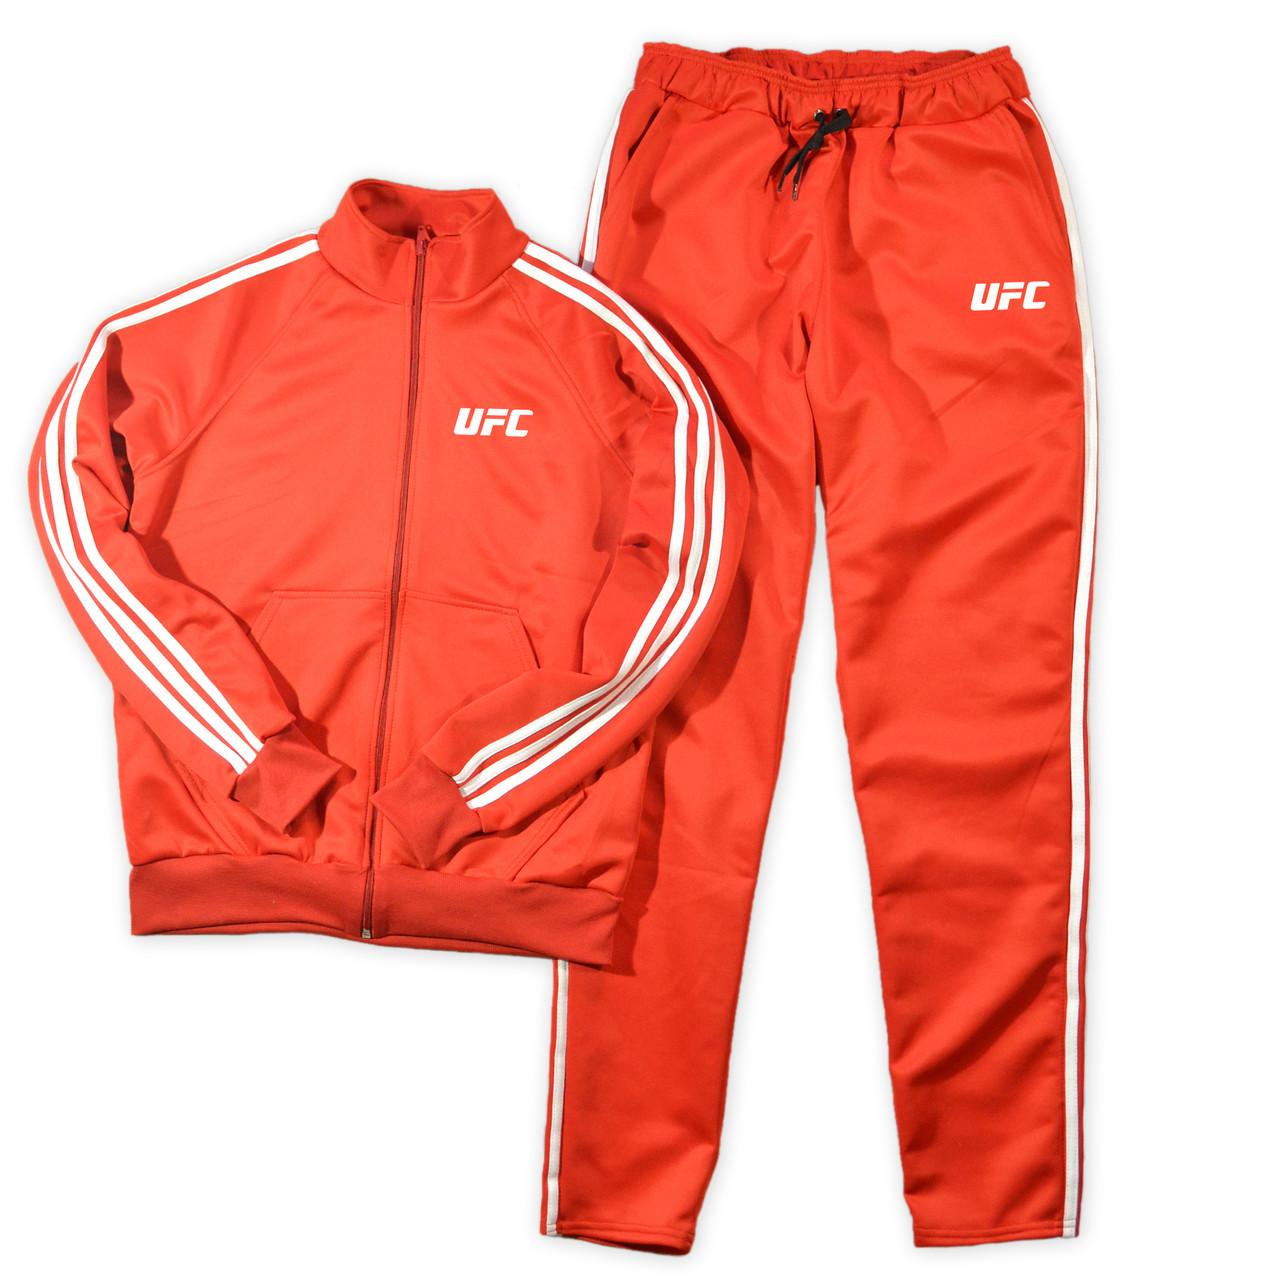 Чоловічий спортивний костюм UFC червоного кольору з лампасами (ЮФС)